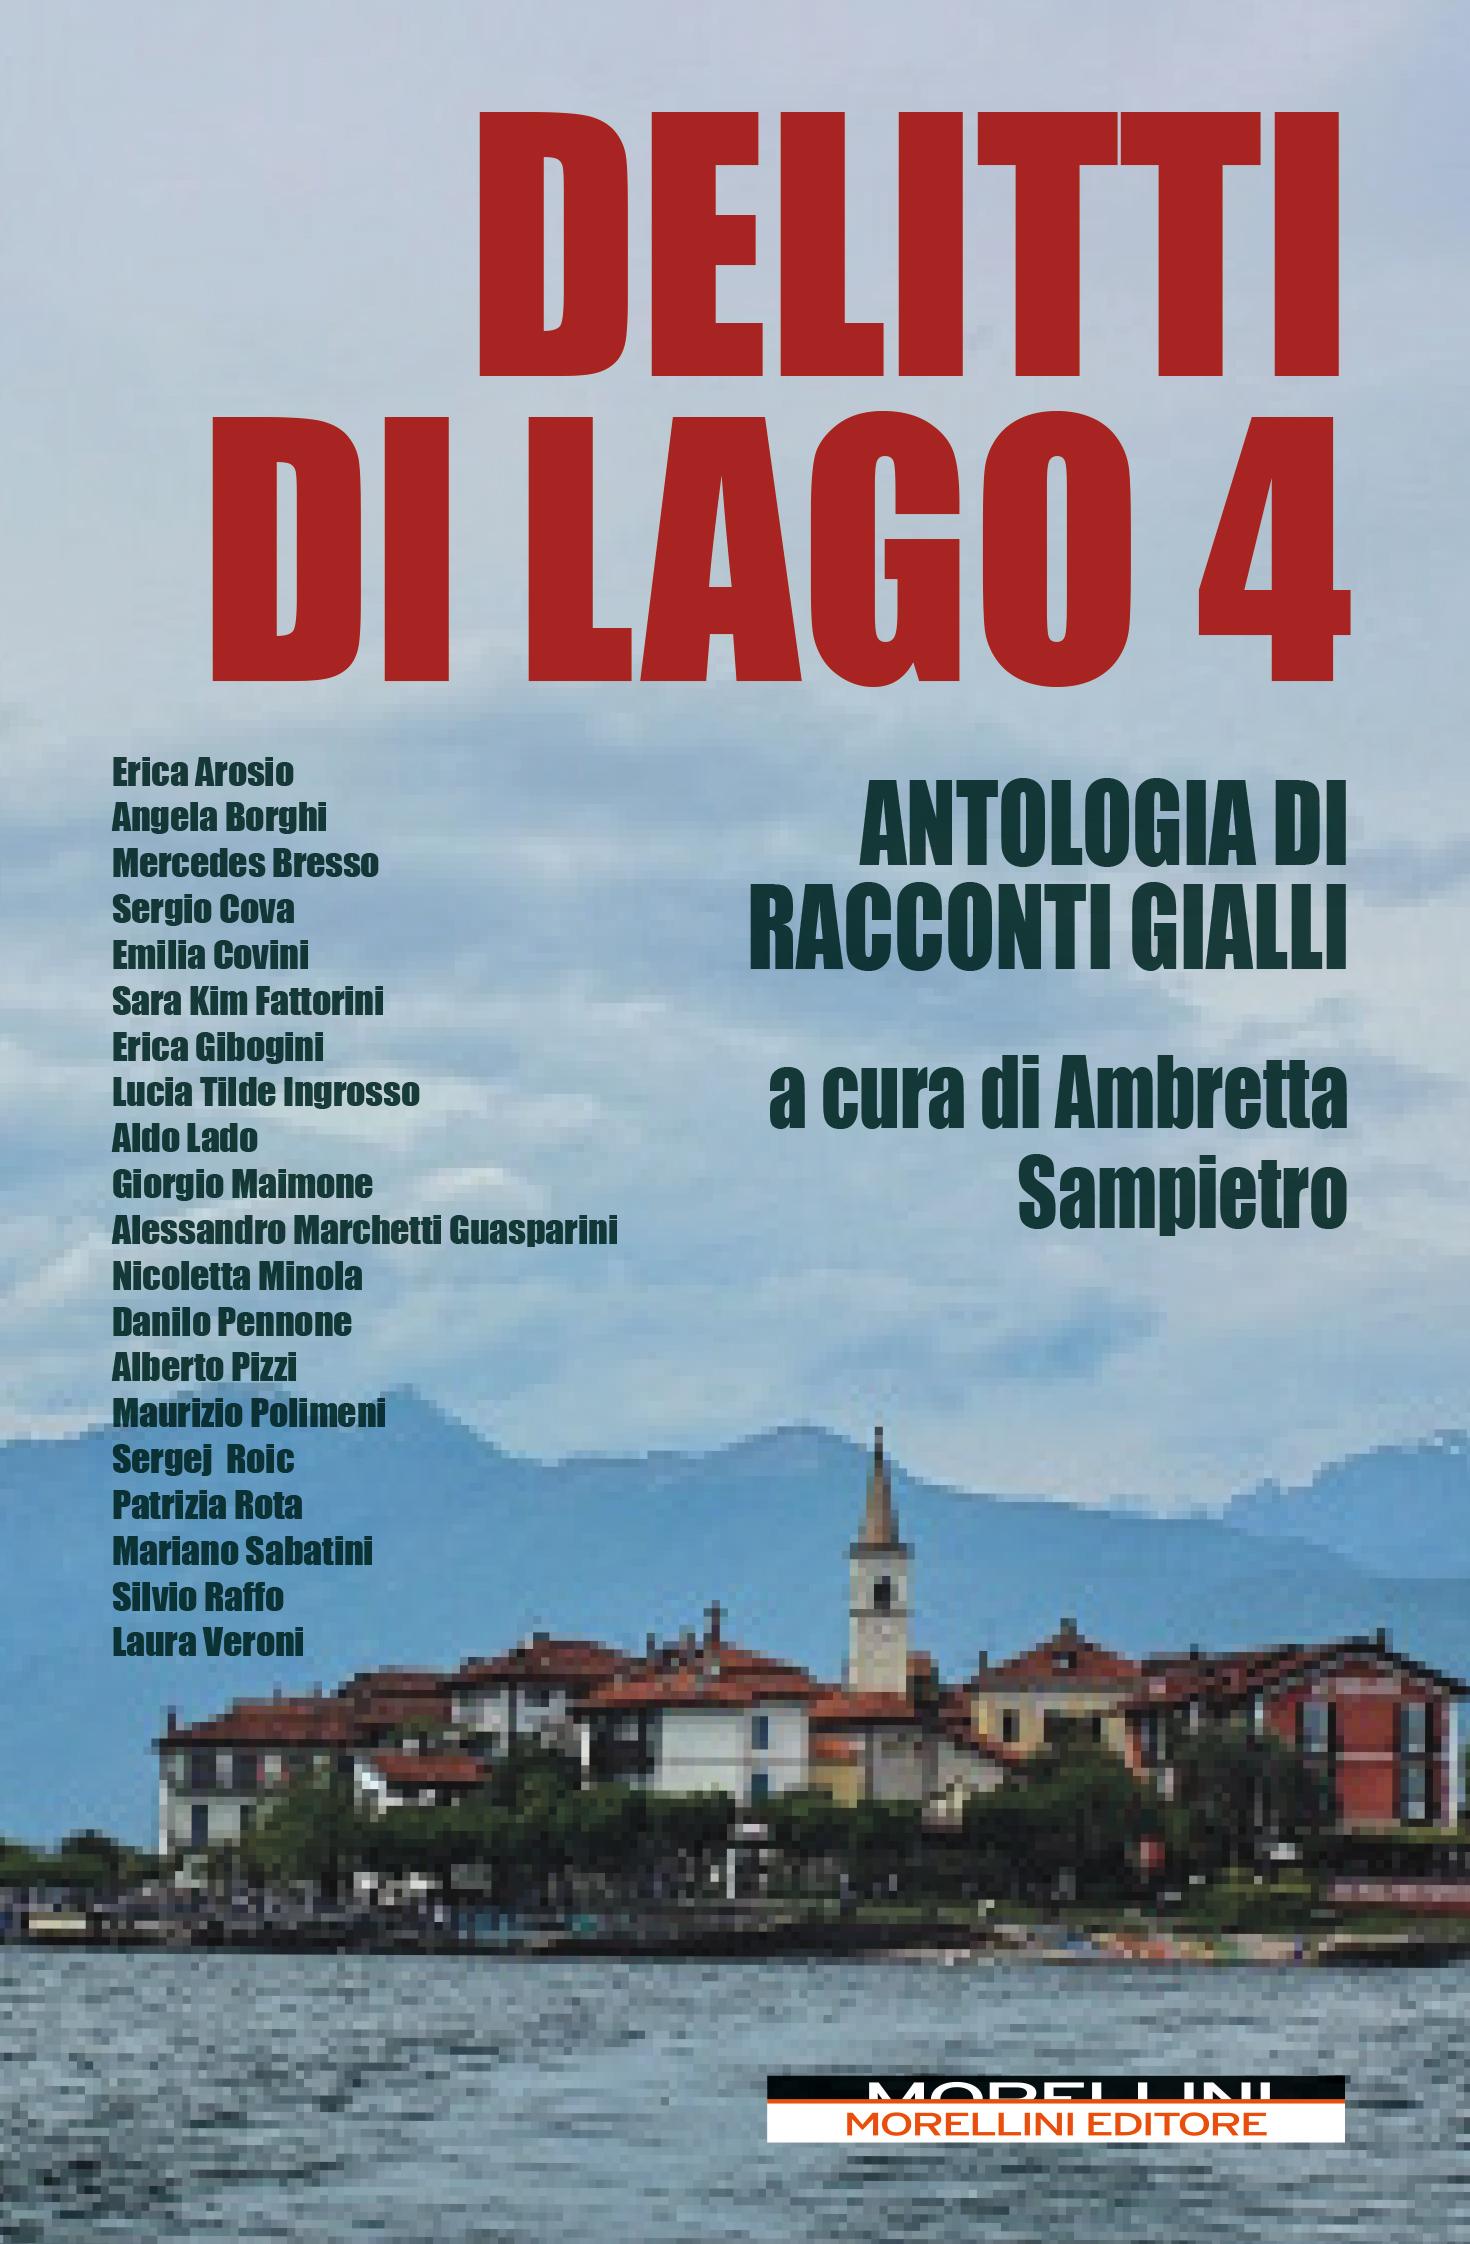 """Segnalazione: """"Delitti di lago 4"""" antologia di racconti gialli a cura di Ambretta Sampietro edito da Morellini"""